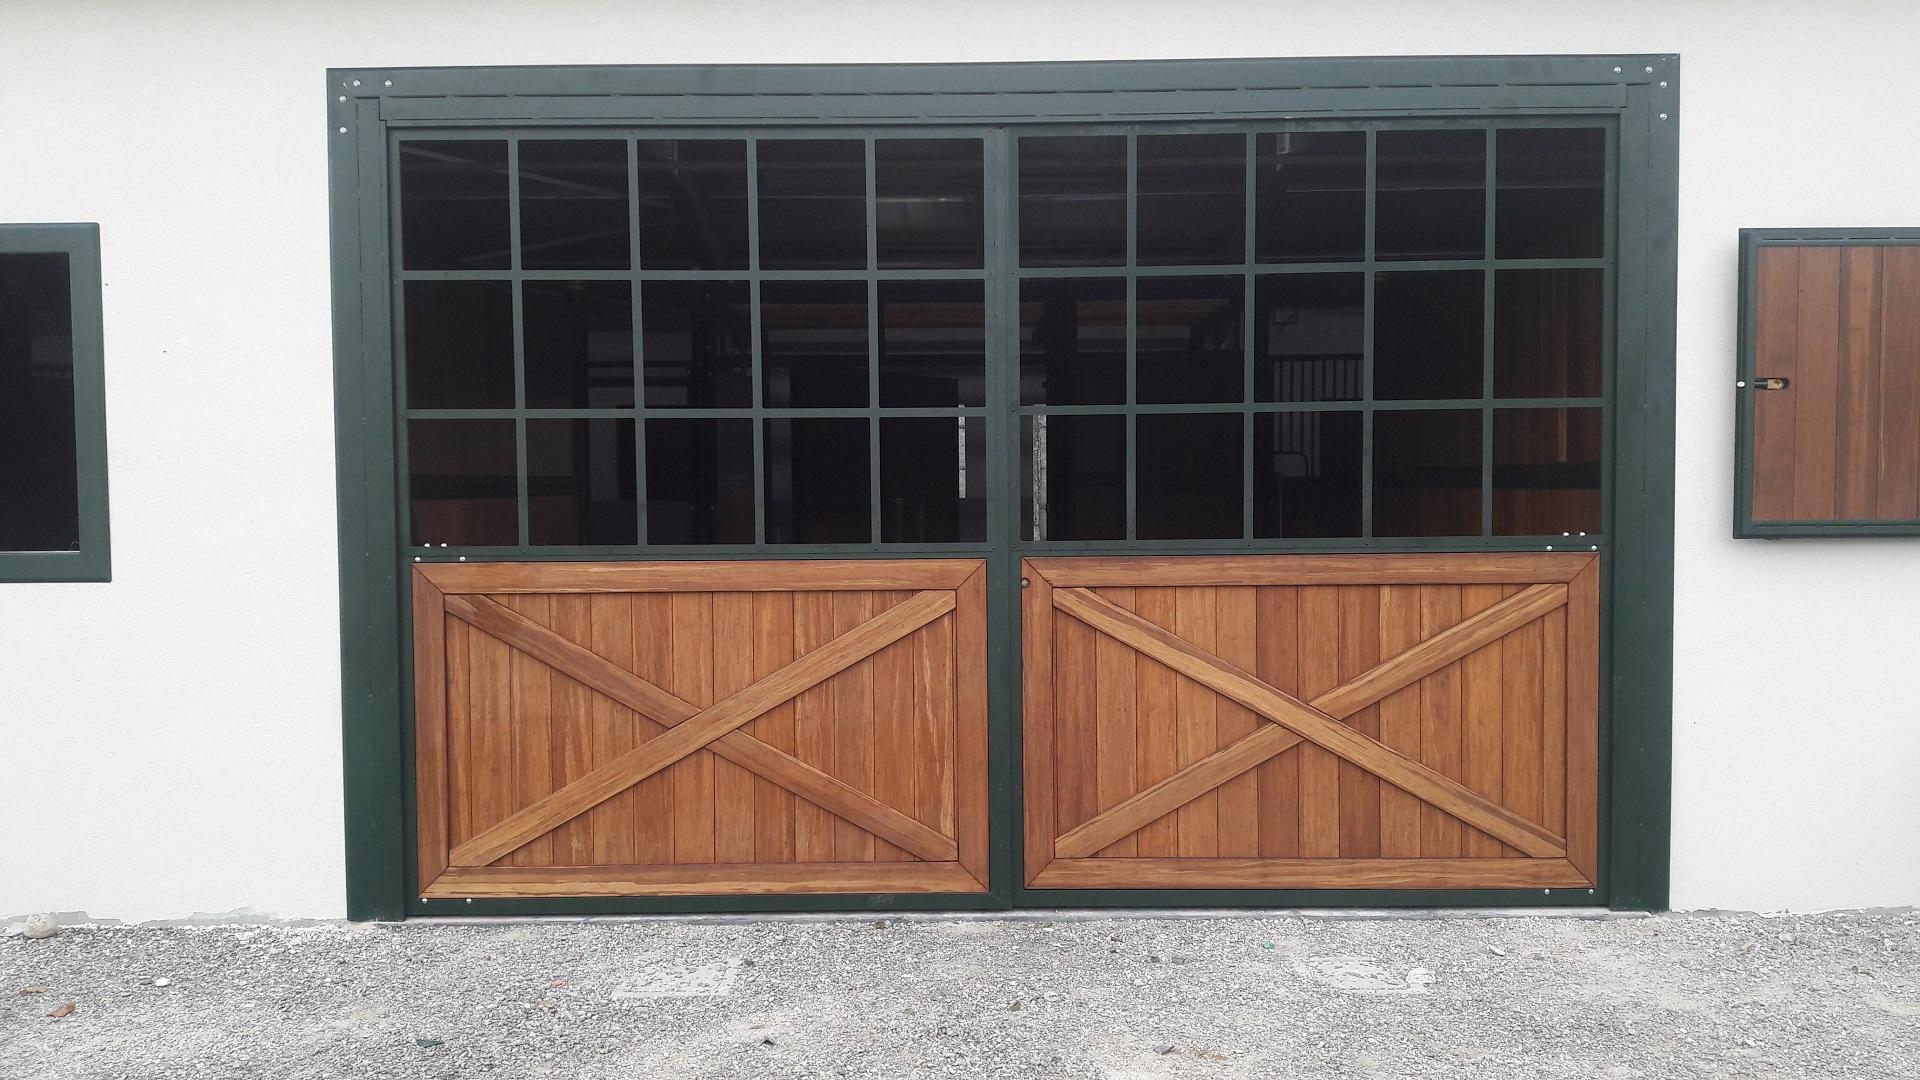 Portone e doppi battente in ferro zincato e verniciato (sistema Triplex) con tamponamenti a legno bamboo nella parte inferiore e vetro superiore